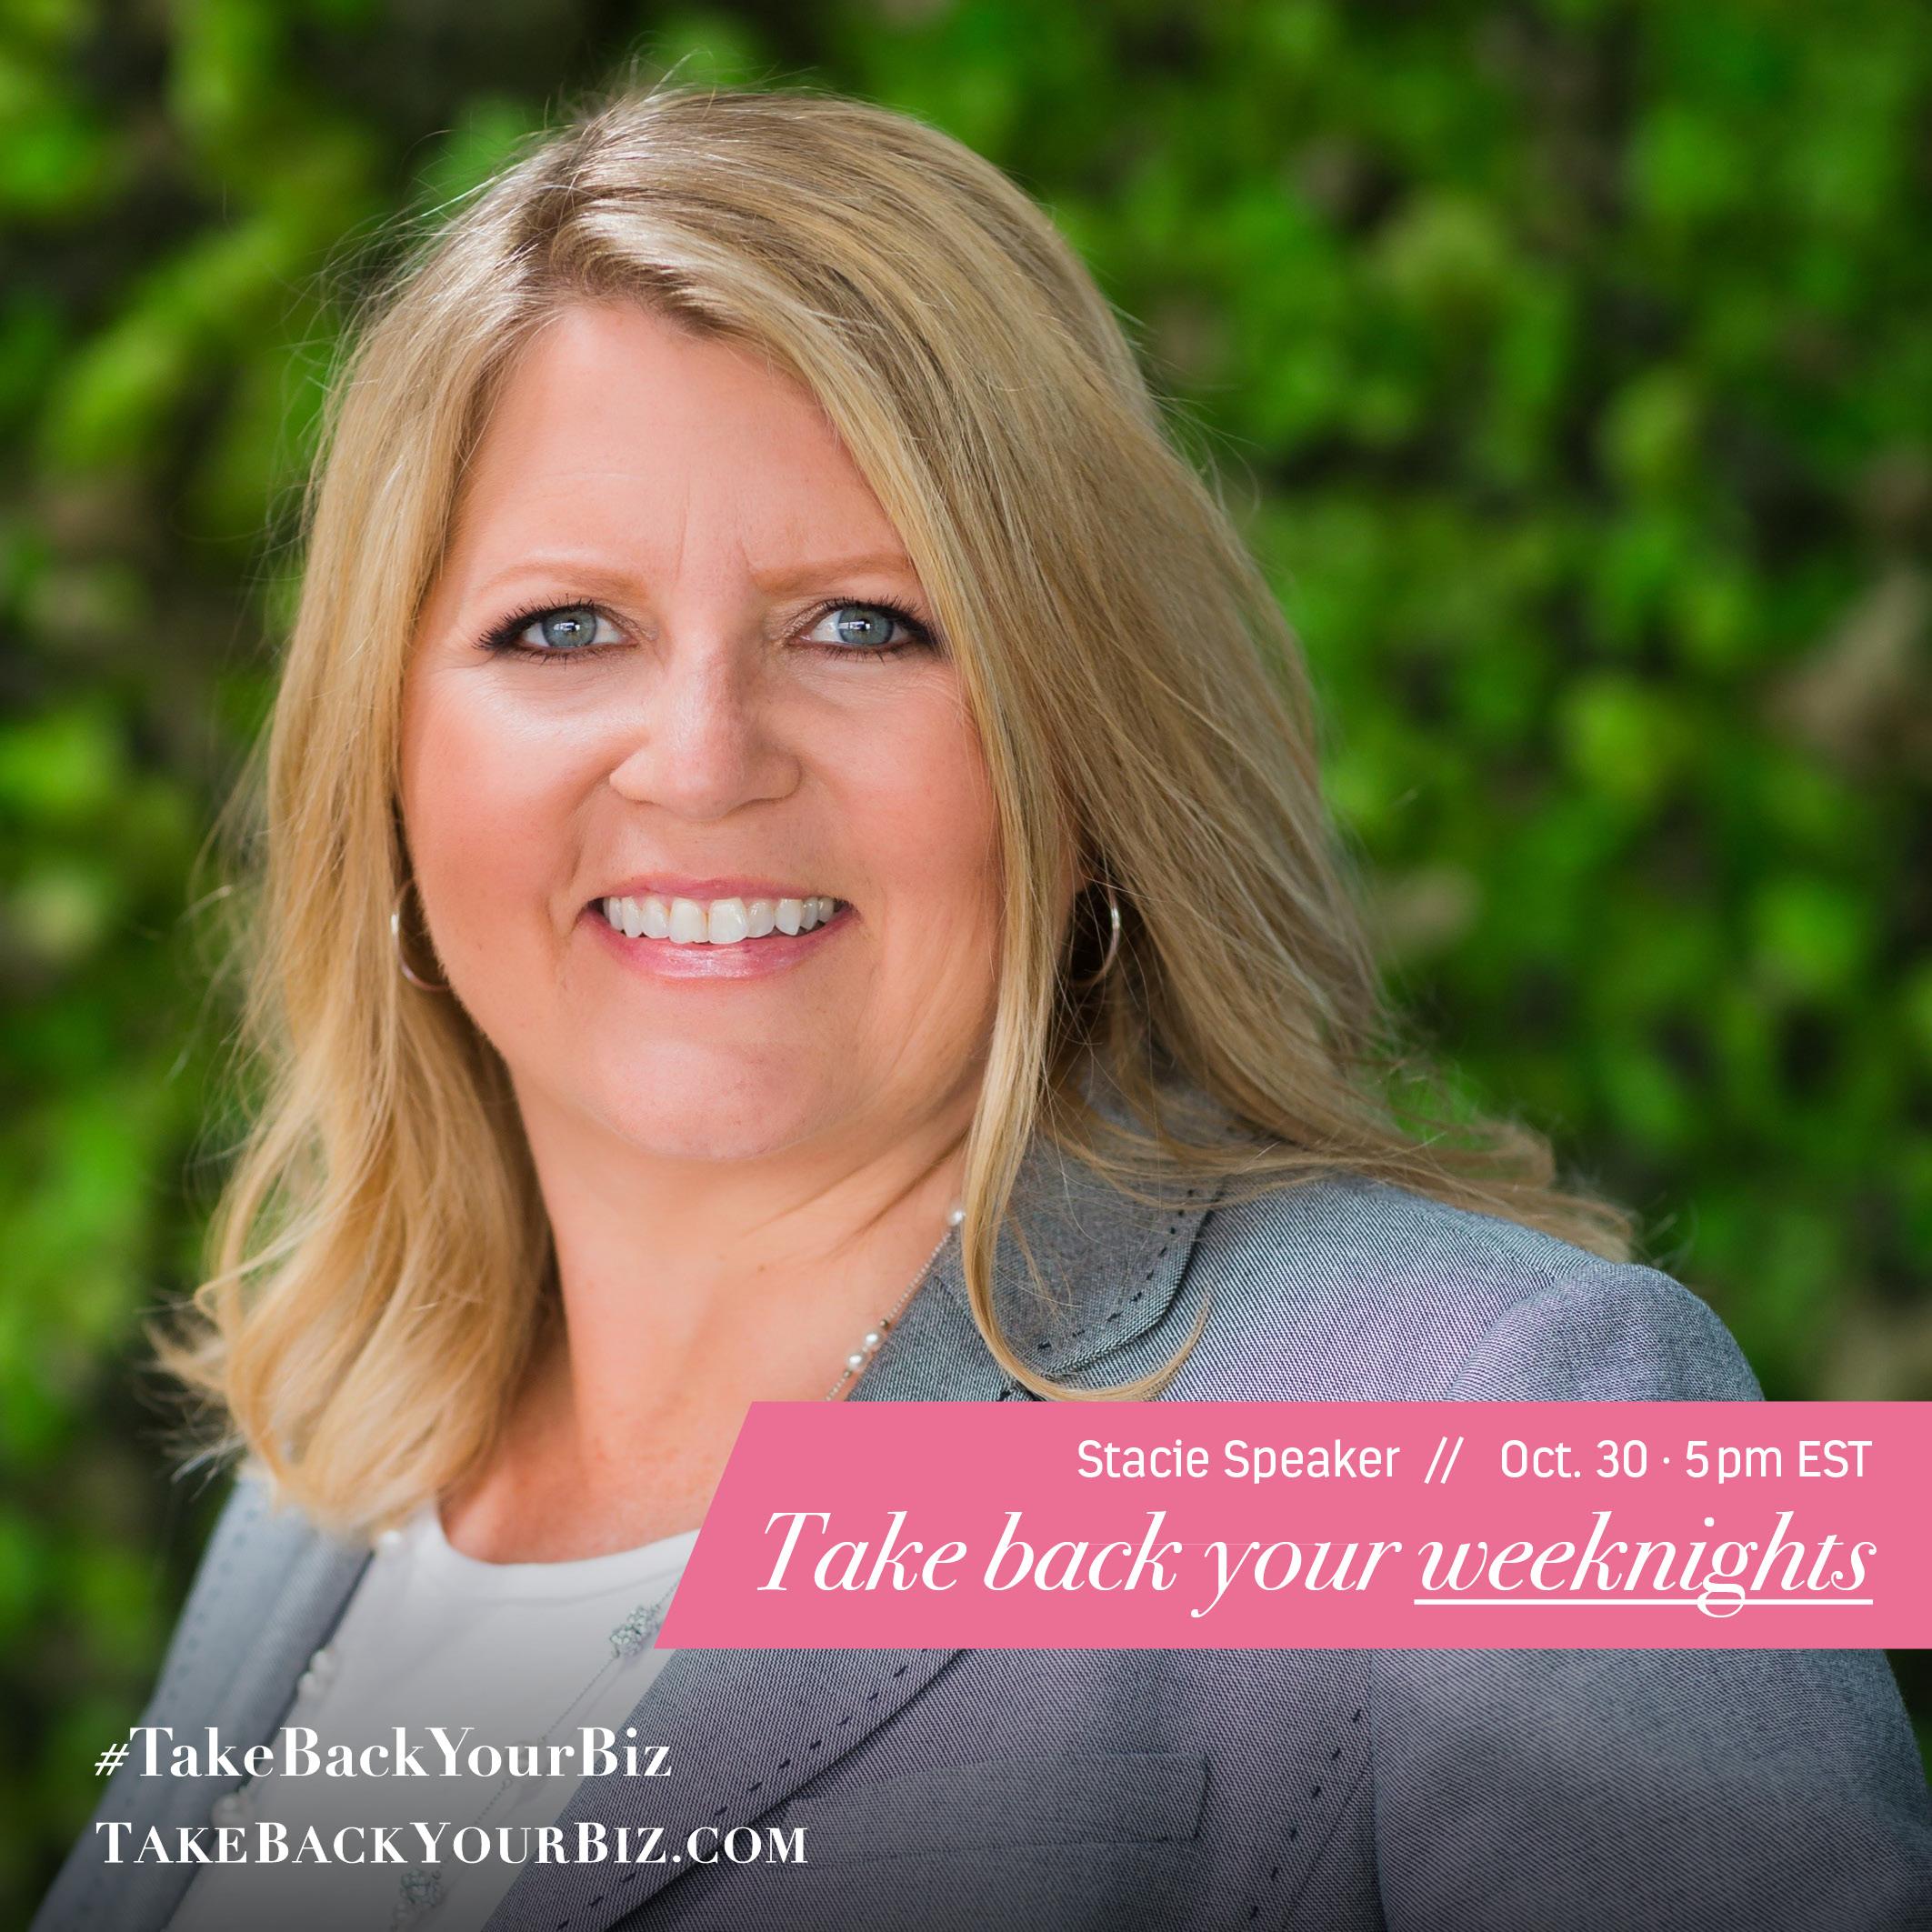 Take-Back-Your-Biz-Speakers-Stacie-Speaker